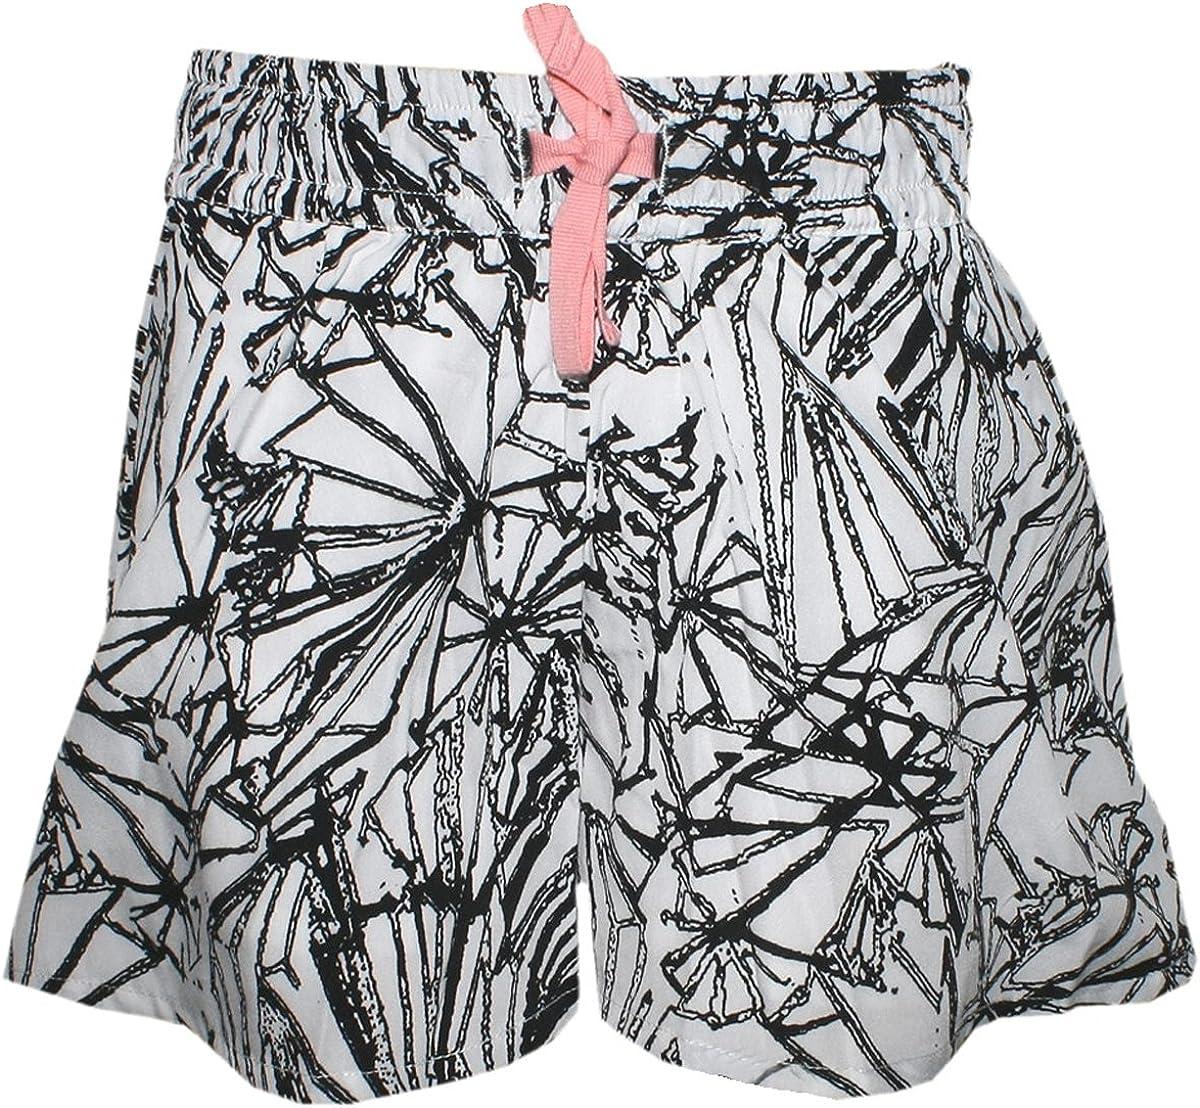 Creamie Locker leichte Shorts//Hosenrock Wei/ß//Schwarz Modell Beanie Shorts